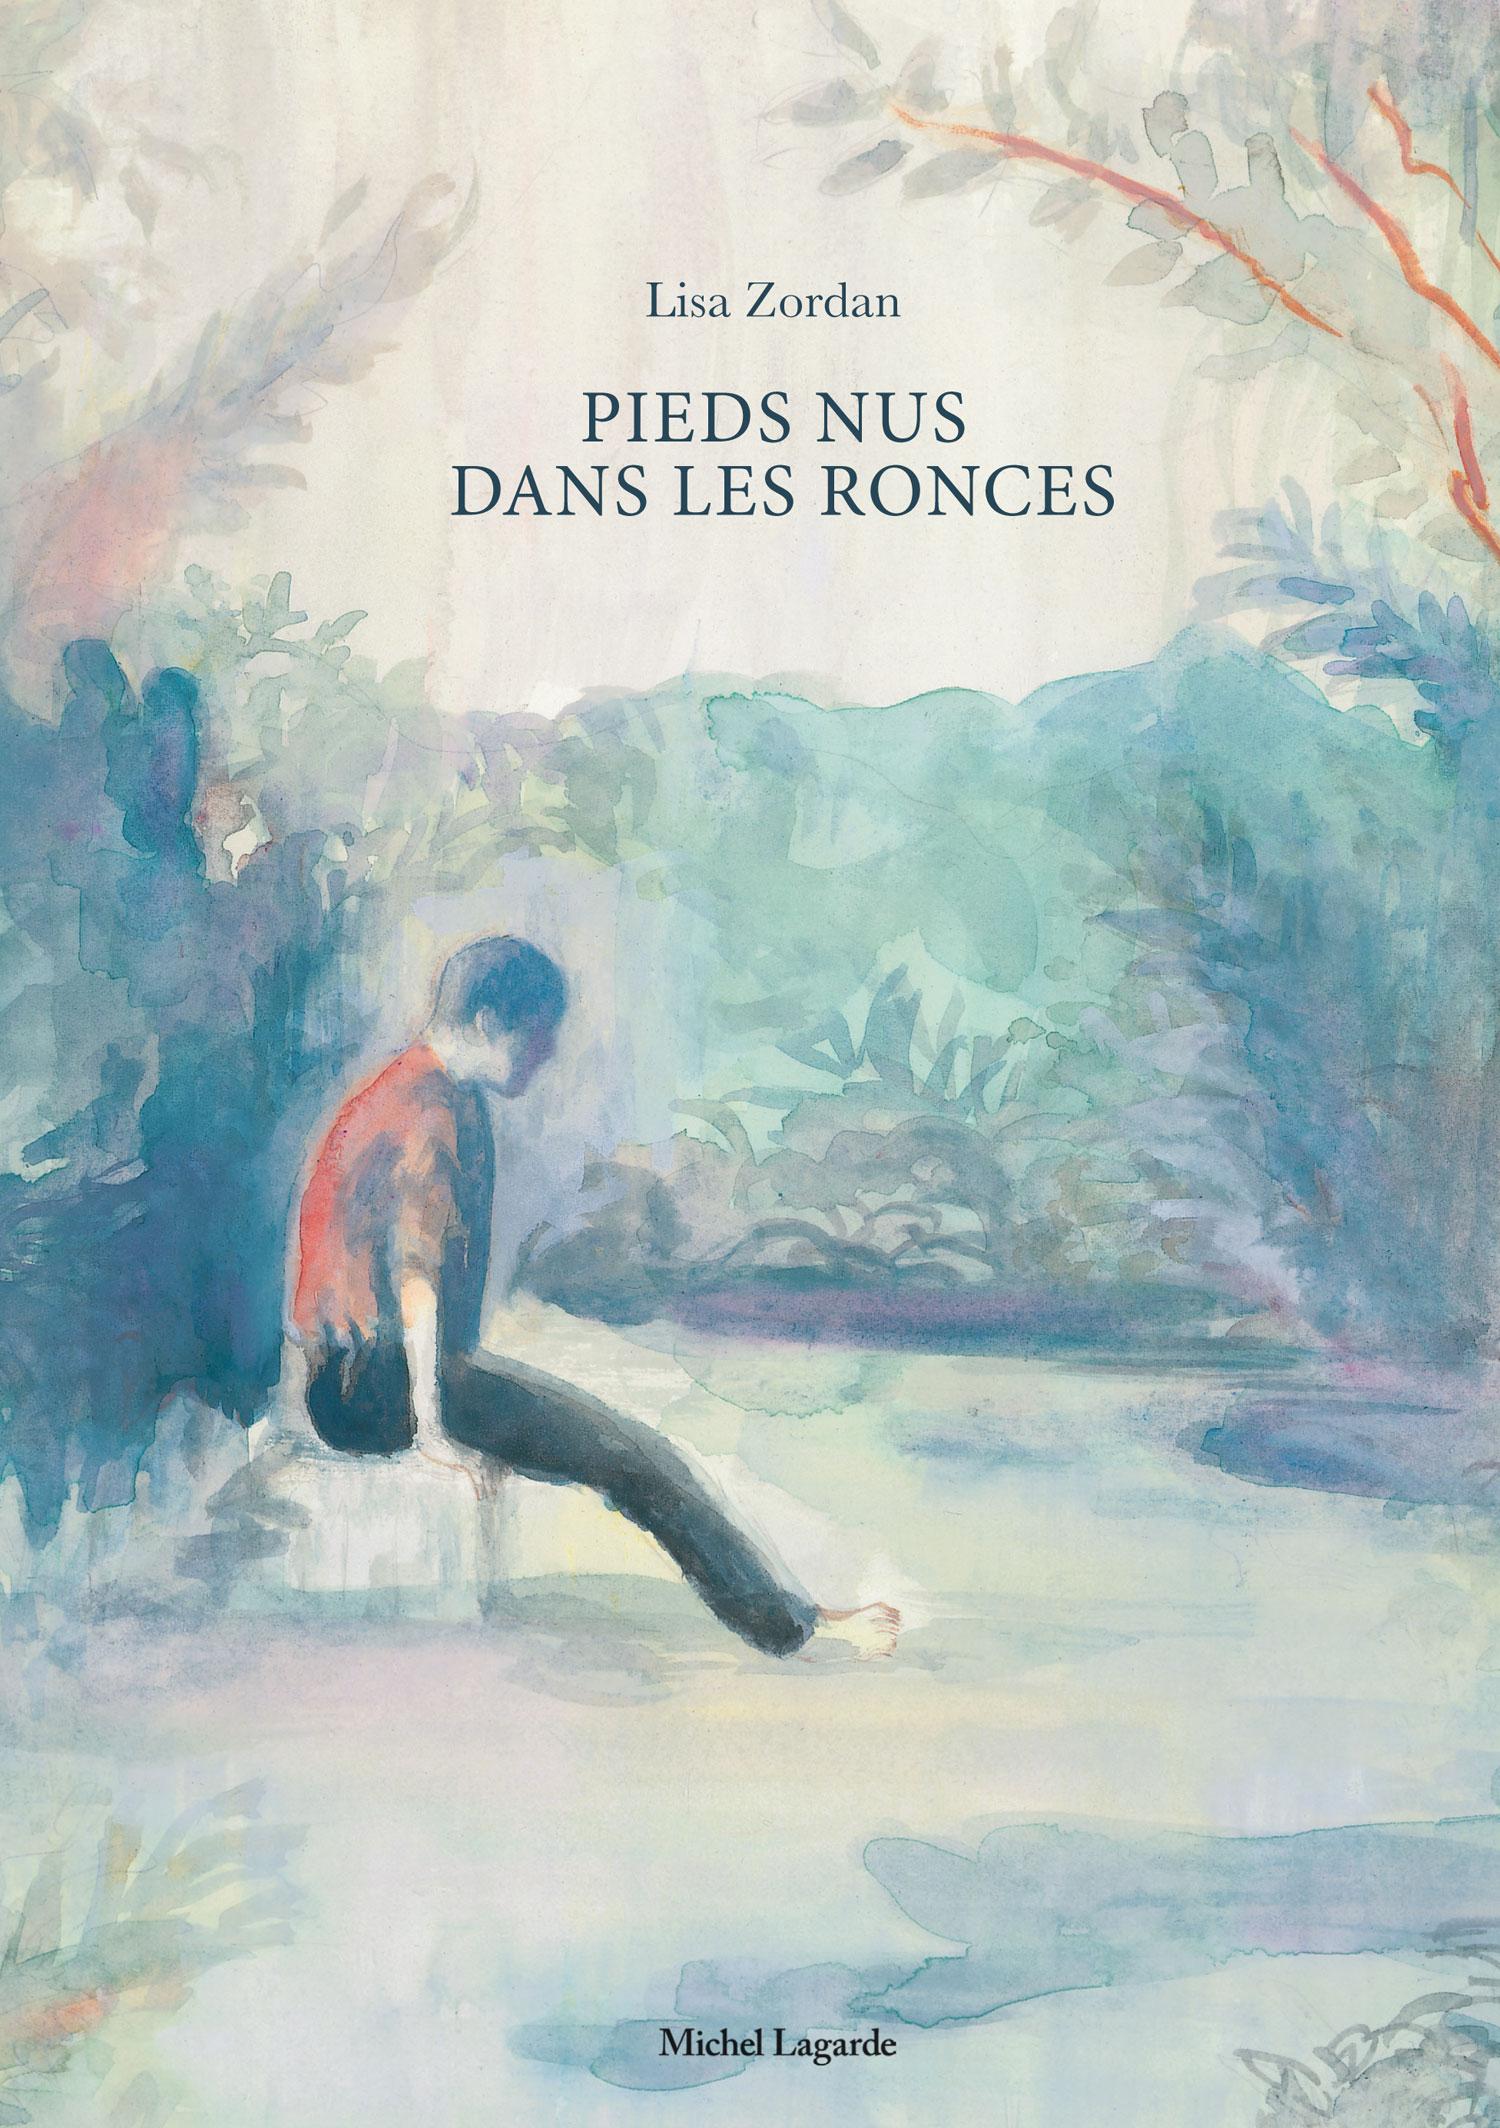 Pieds nus dans les ronces | Pieds nus dans les ronces | Lisa Zordan